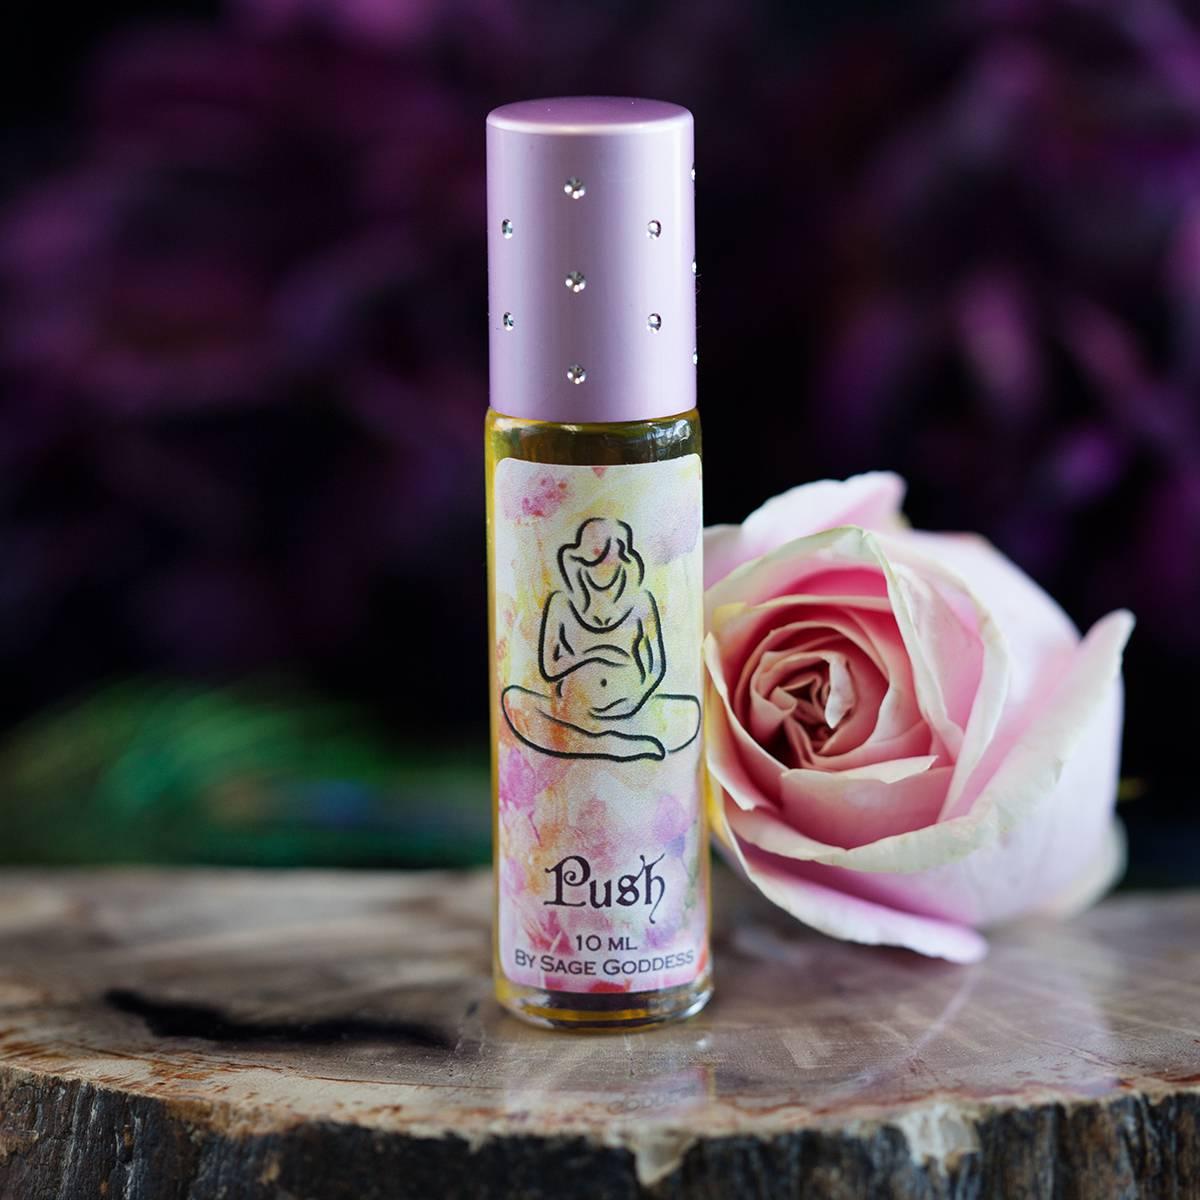 push perfume